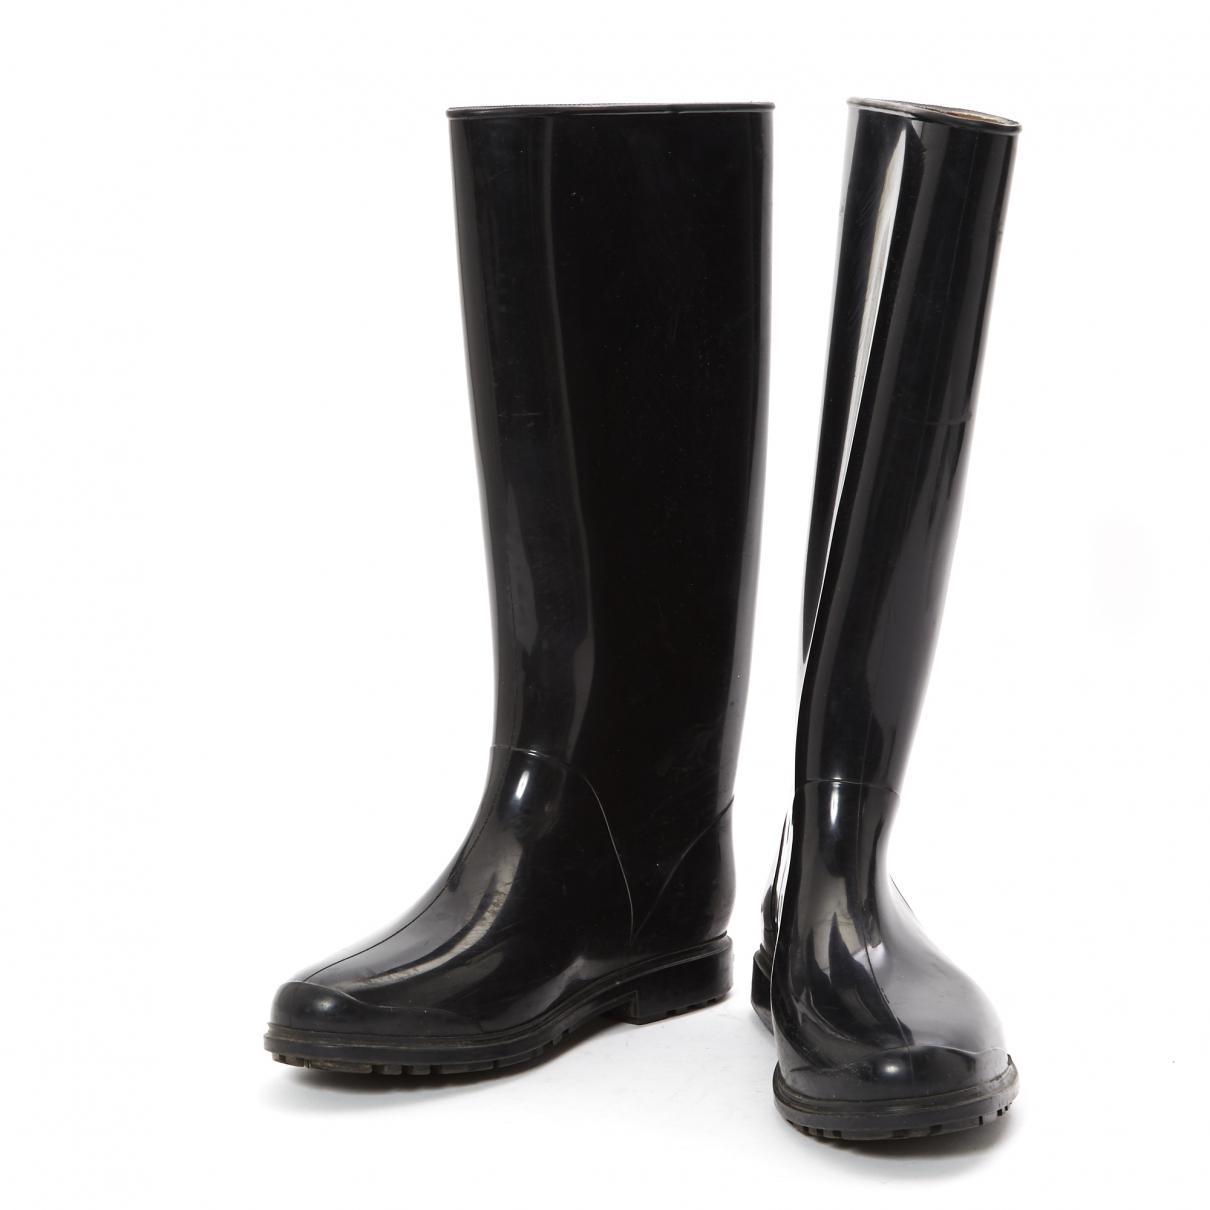 335f13c47cc Lyst - Bottes de pluie Burberry en coloris Noir - 6 % de réduction